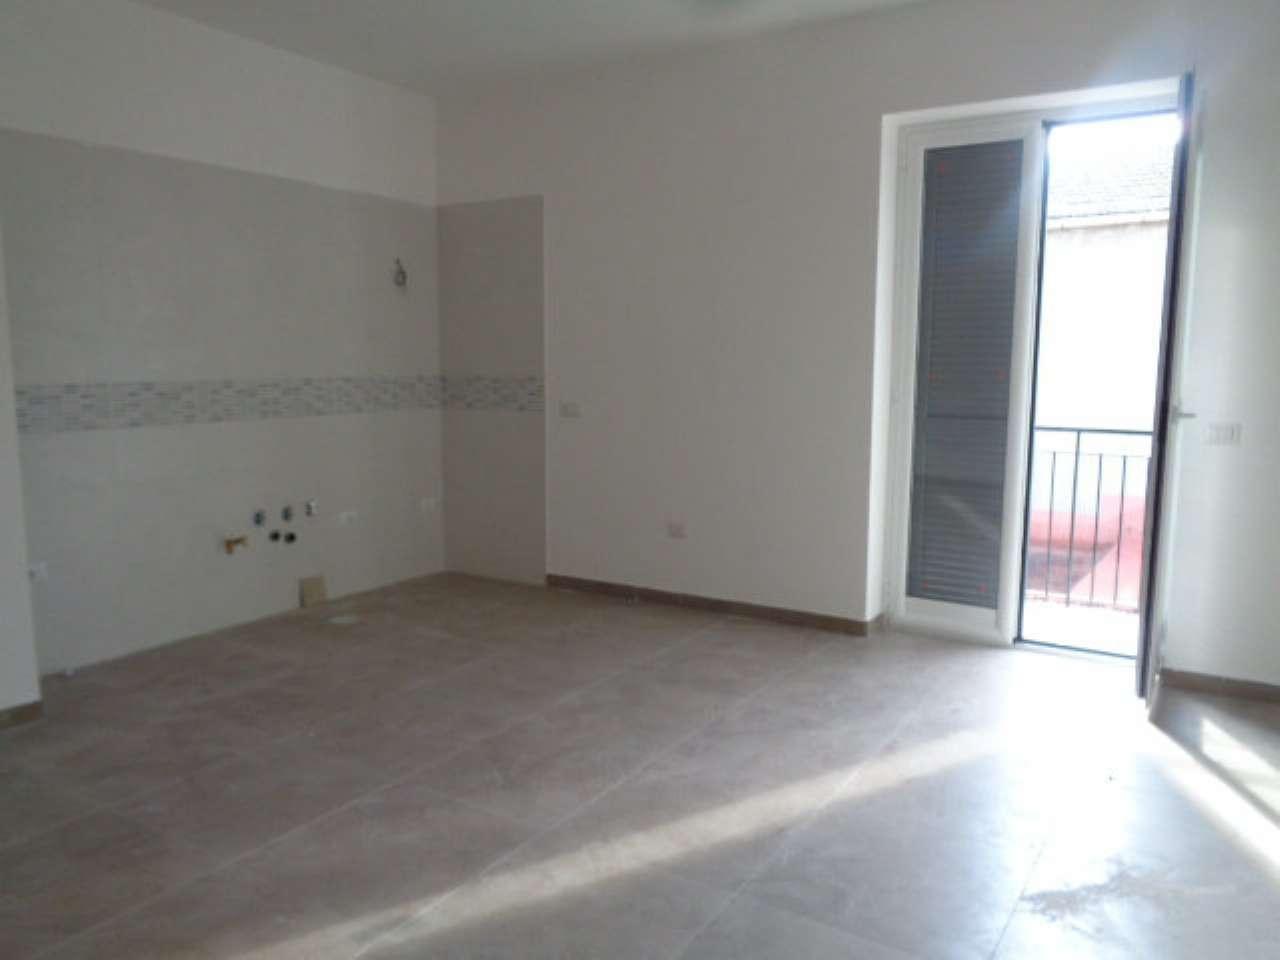 Appartamento in vendita a Marano di Napoli, 2 locali, prezzo € 100.000 | CambioCasa.it